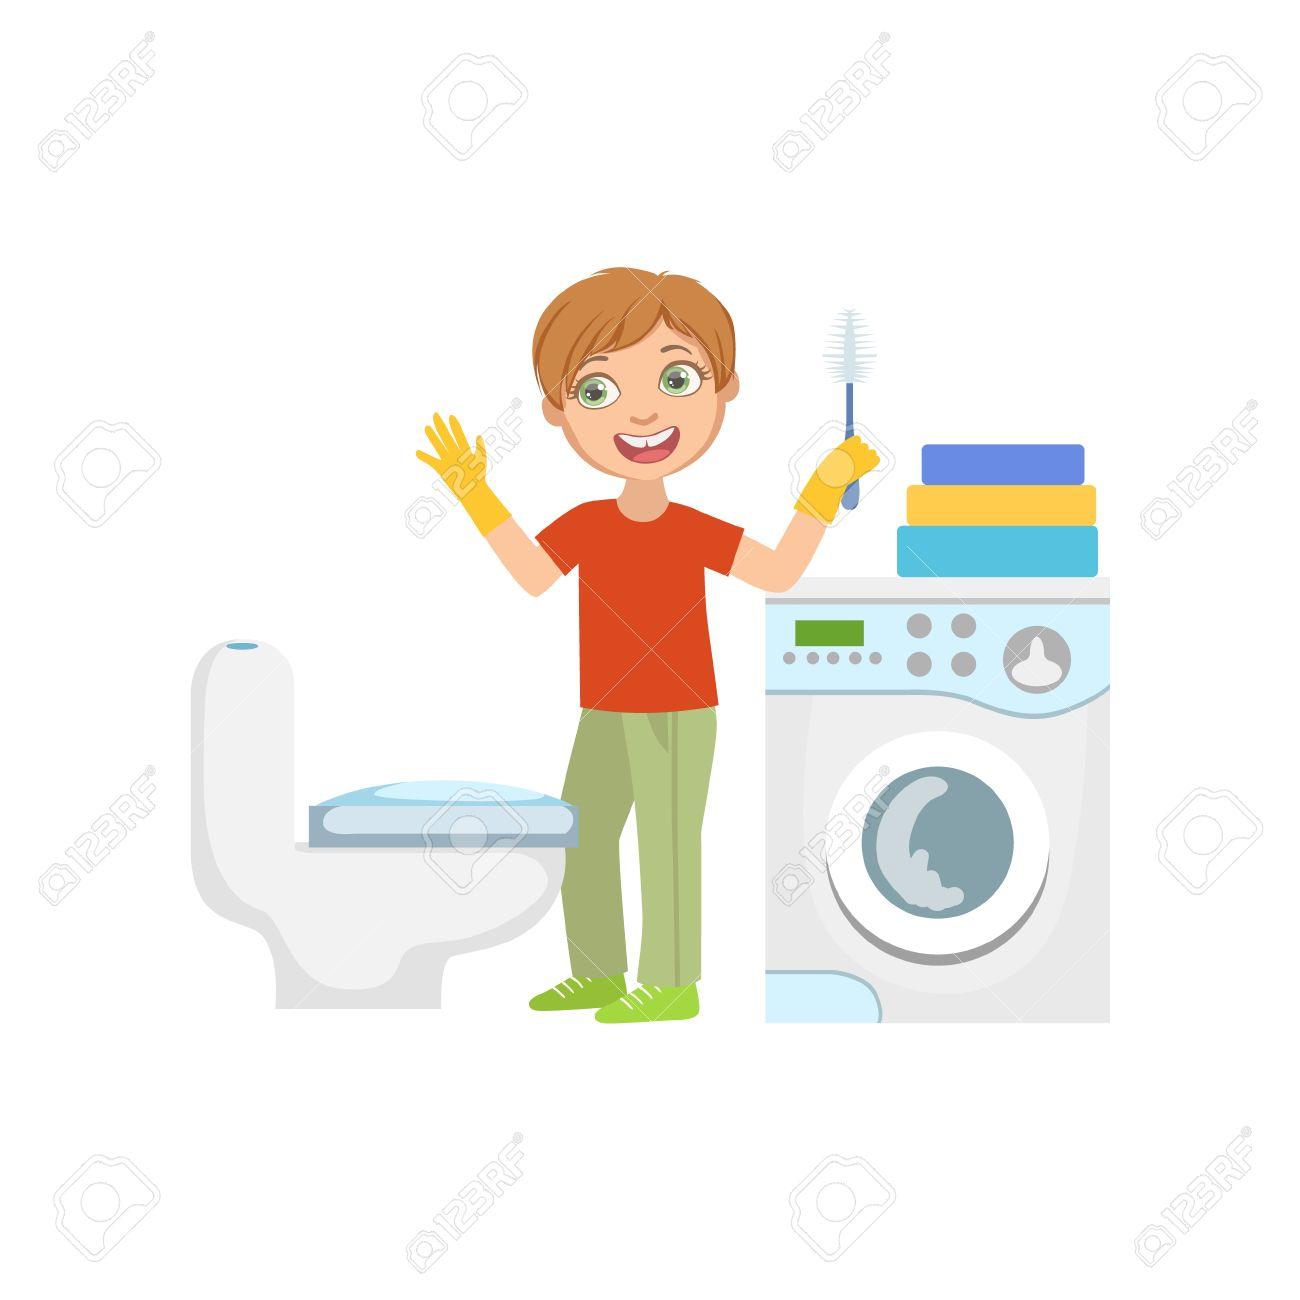 Boy limpiar el inodoro con el cepillo en cuarto de baño del diseño simple  ilustración de estilo de dibujos animados lindo divertido aislados en ...